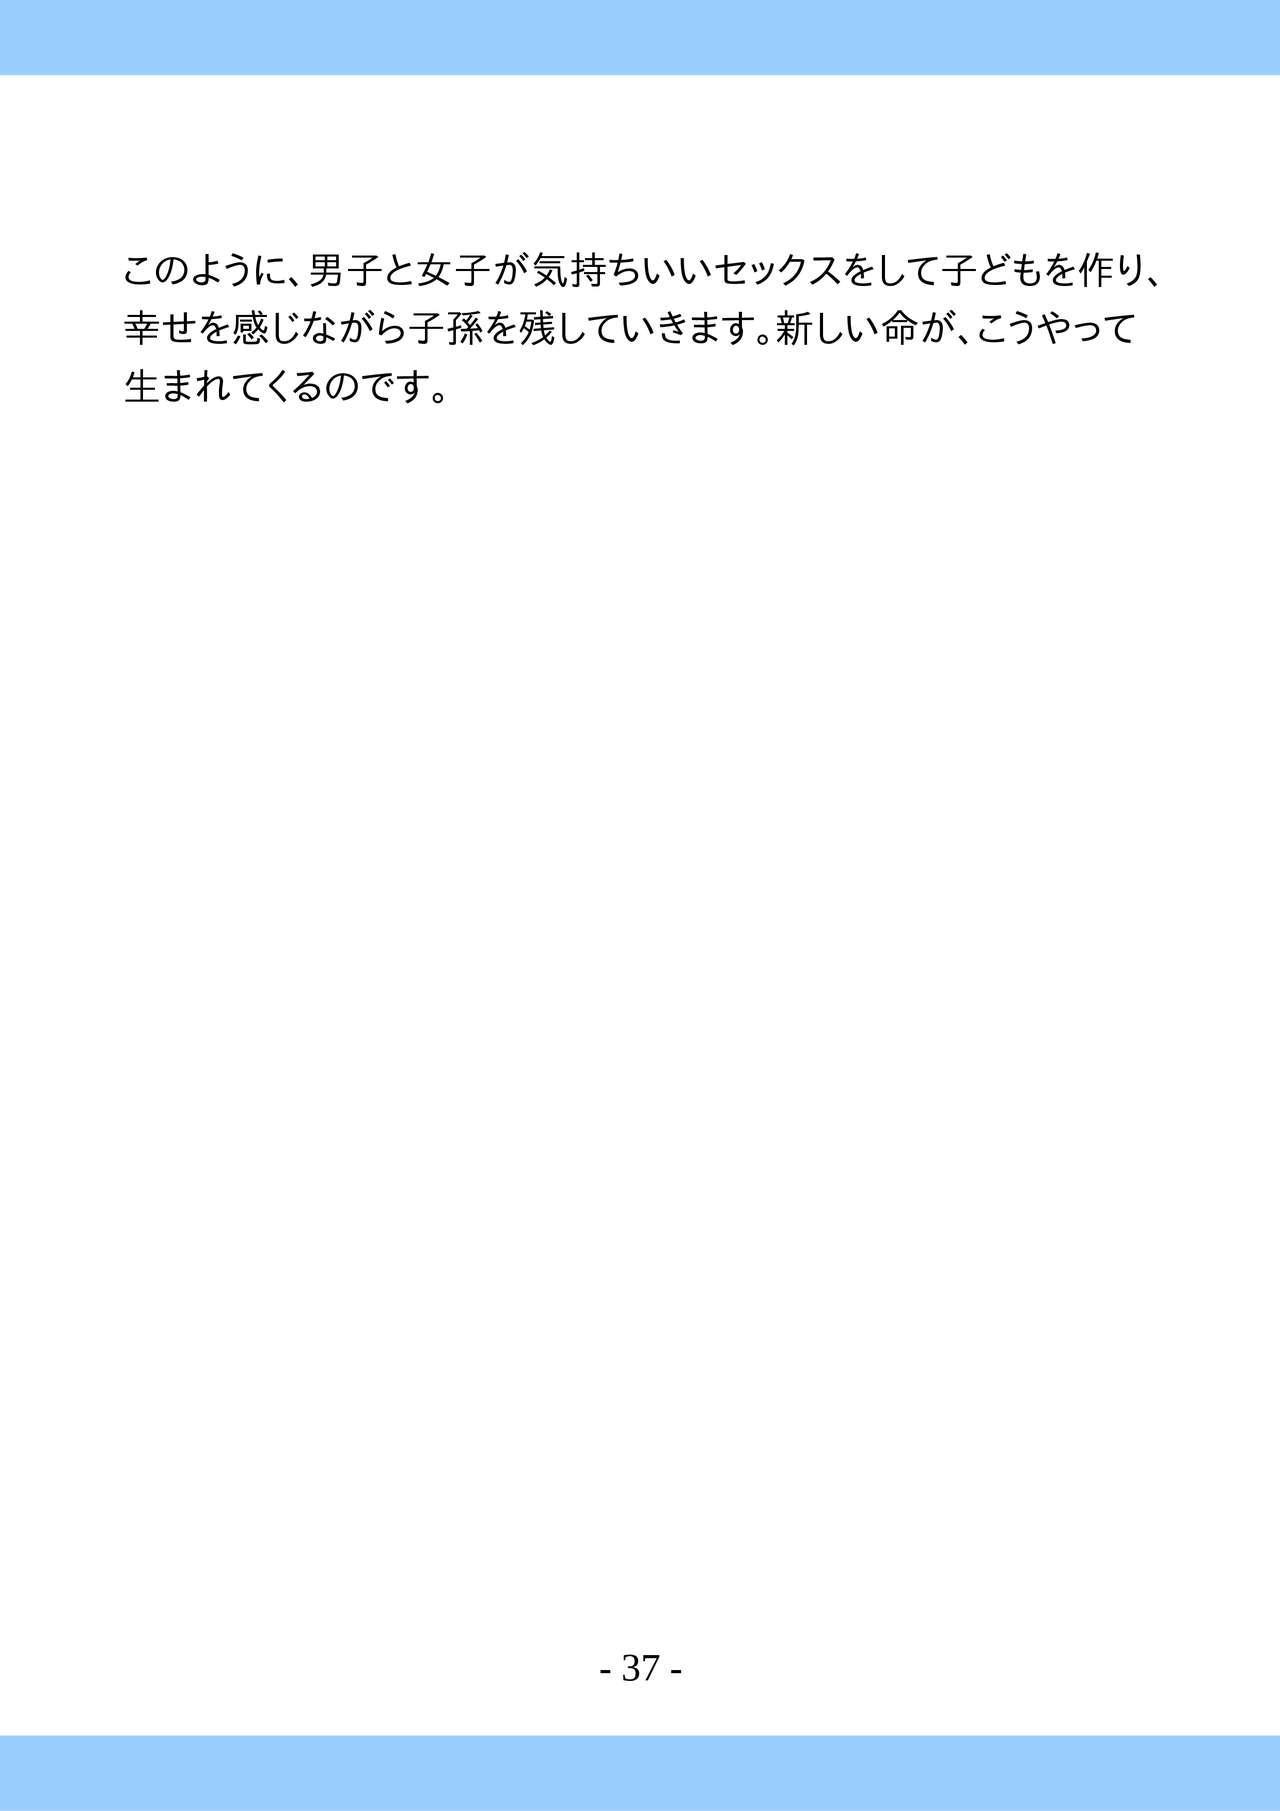 Shishunki no Tame no Tottemo Kimochii Sex no Ohanashi 36